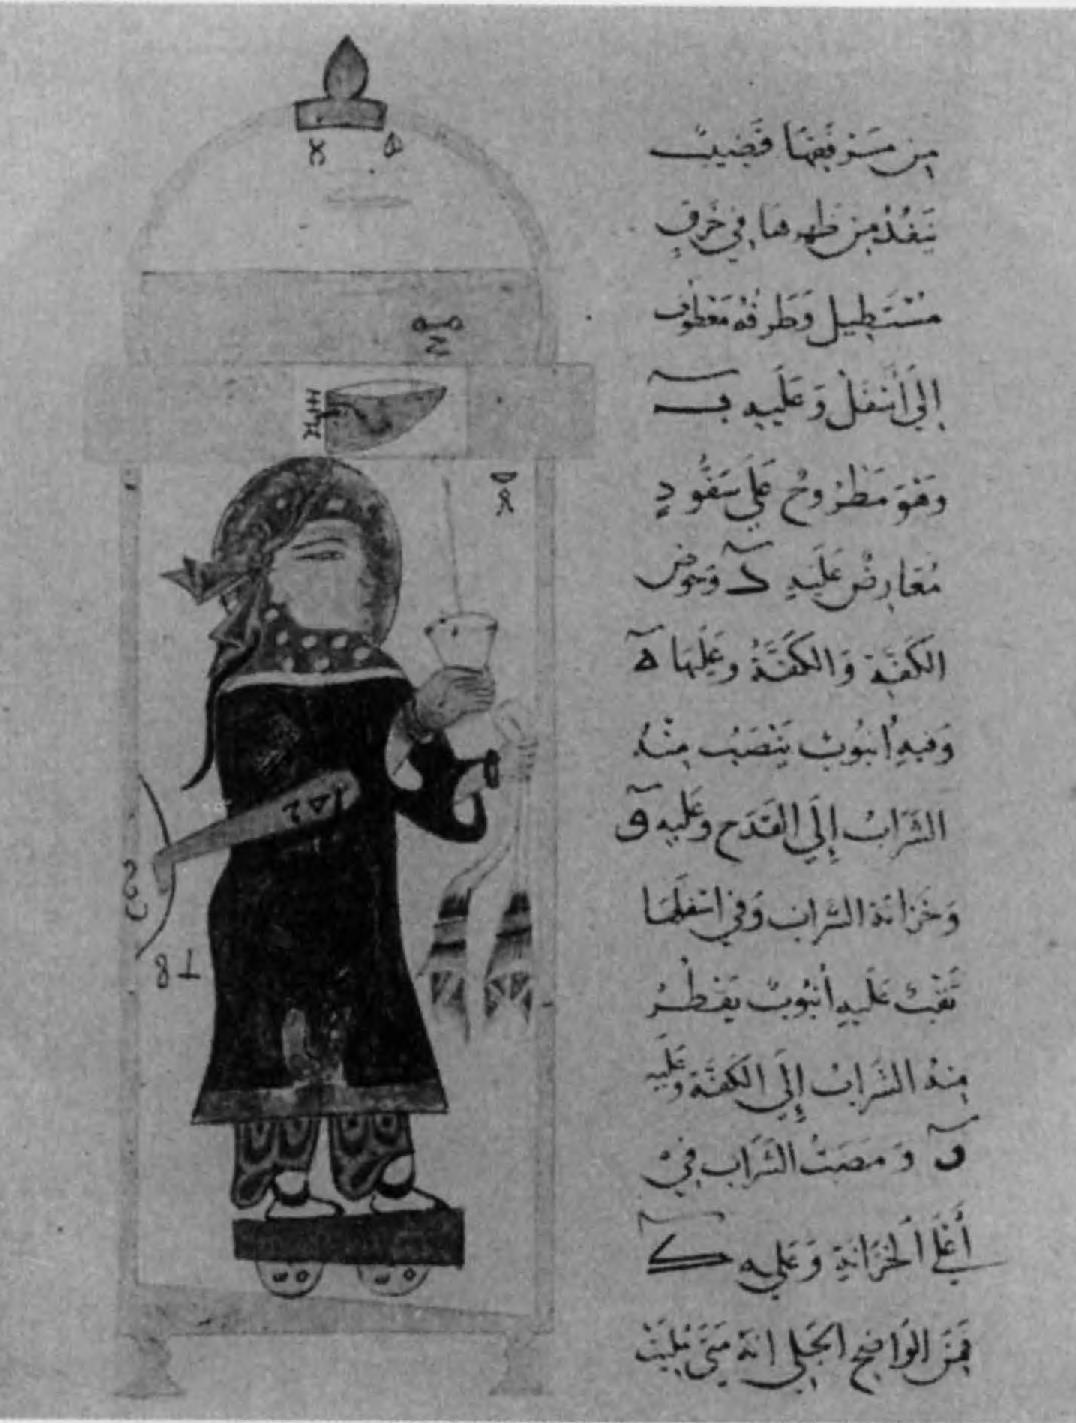 120.Миниатюра из книги об «автоматах» ал-Джазари, изображающая чашу для вина с механизмом